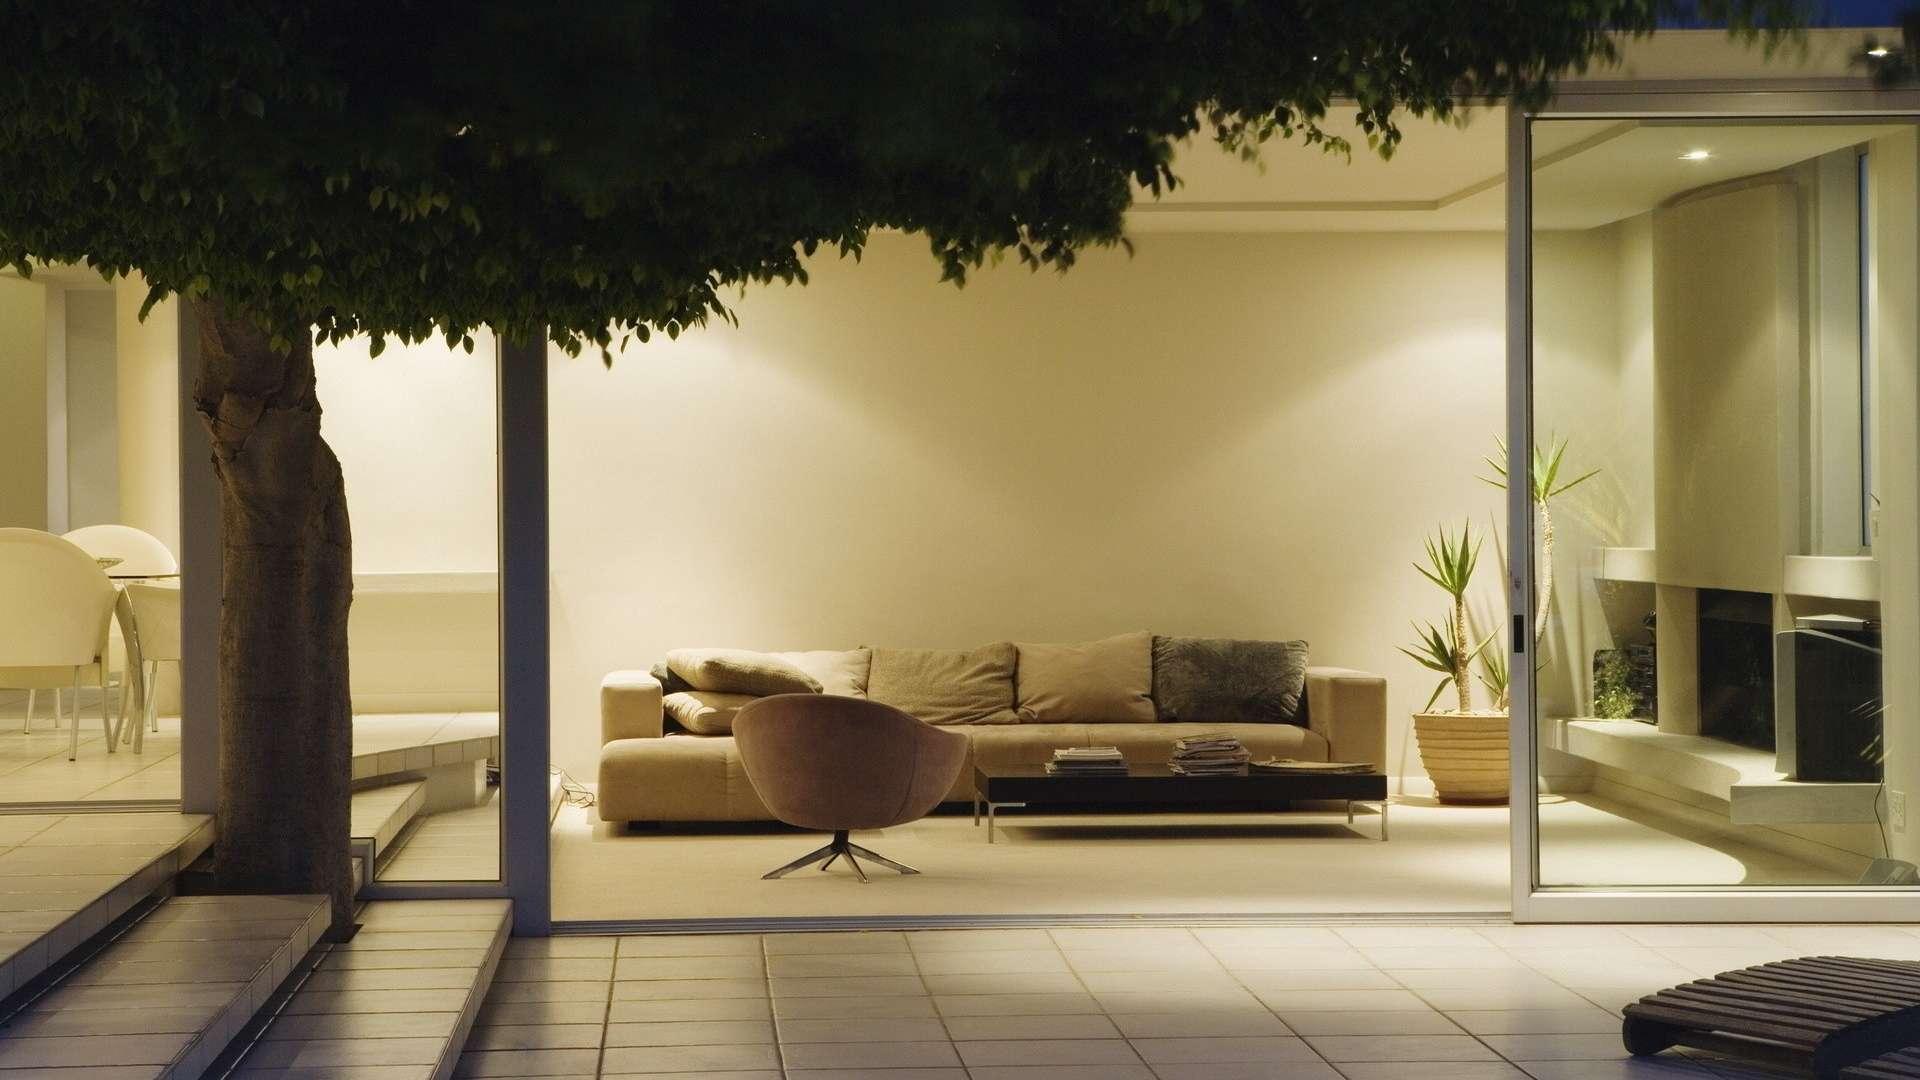 Phong cách Eco trong thiết kế nội thất là gì?